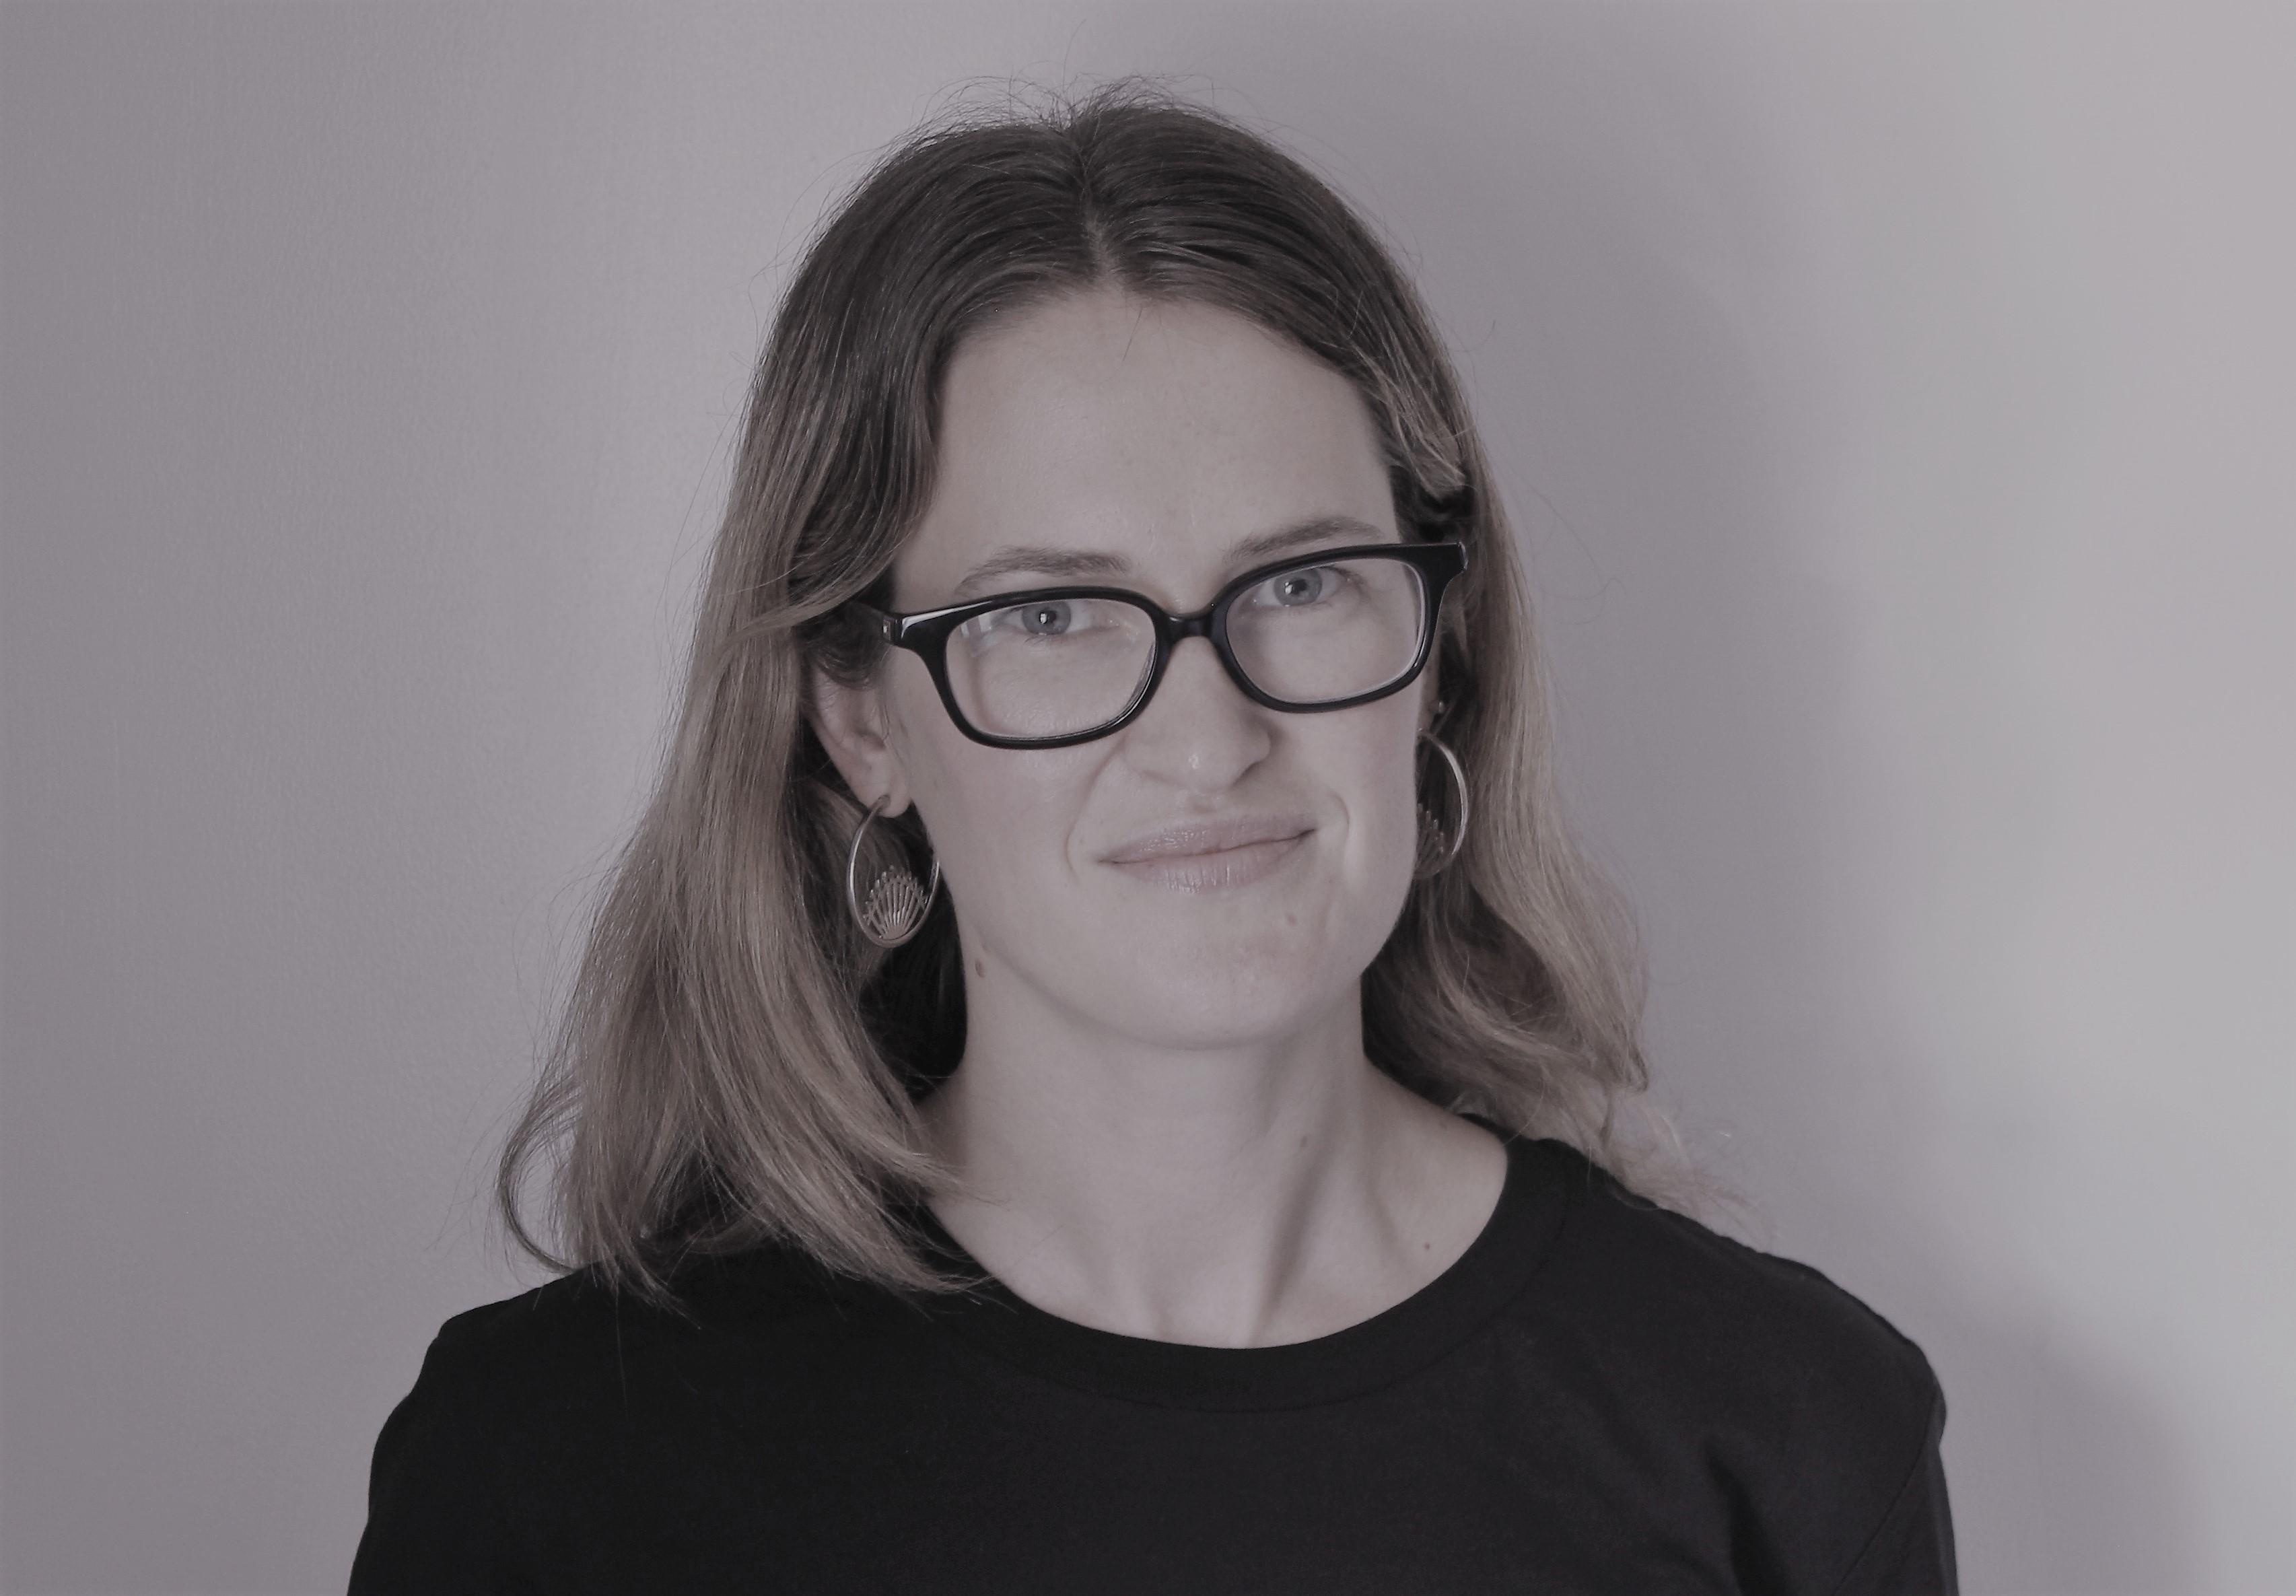 Sarah Idle